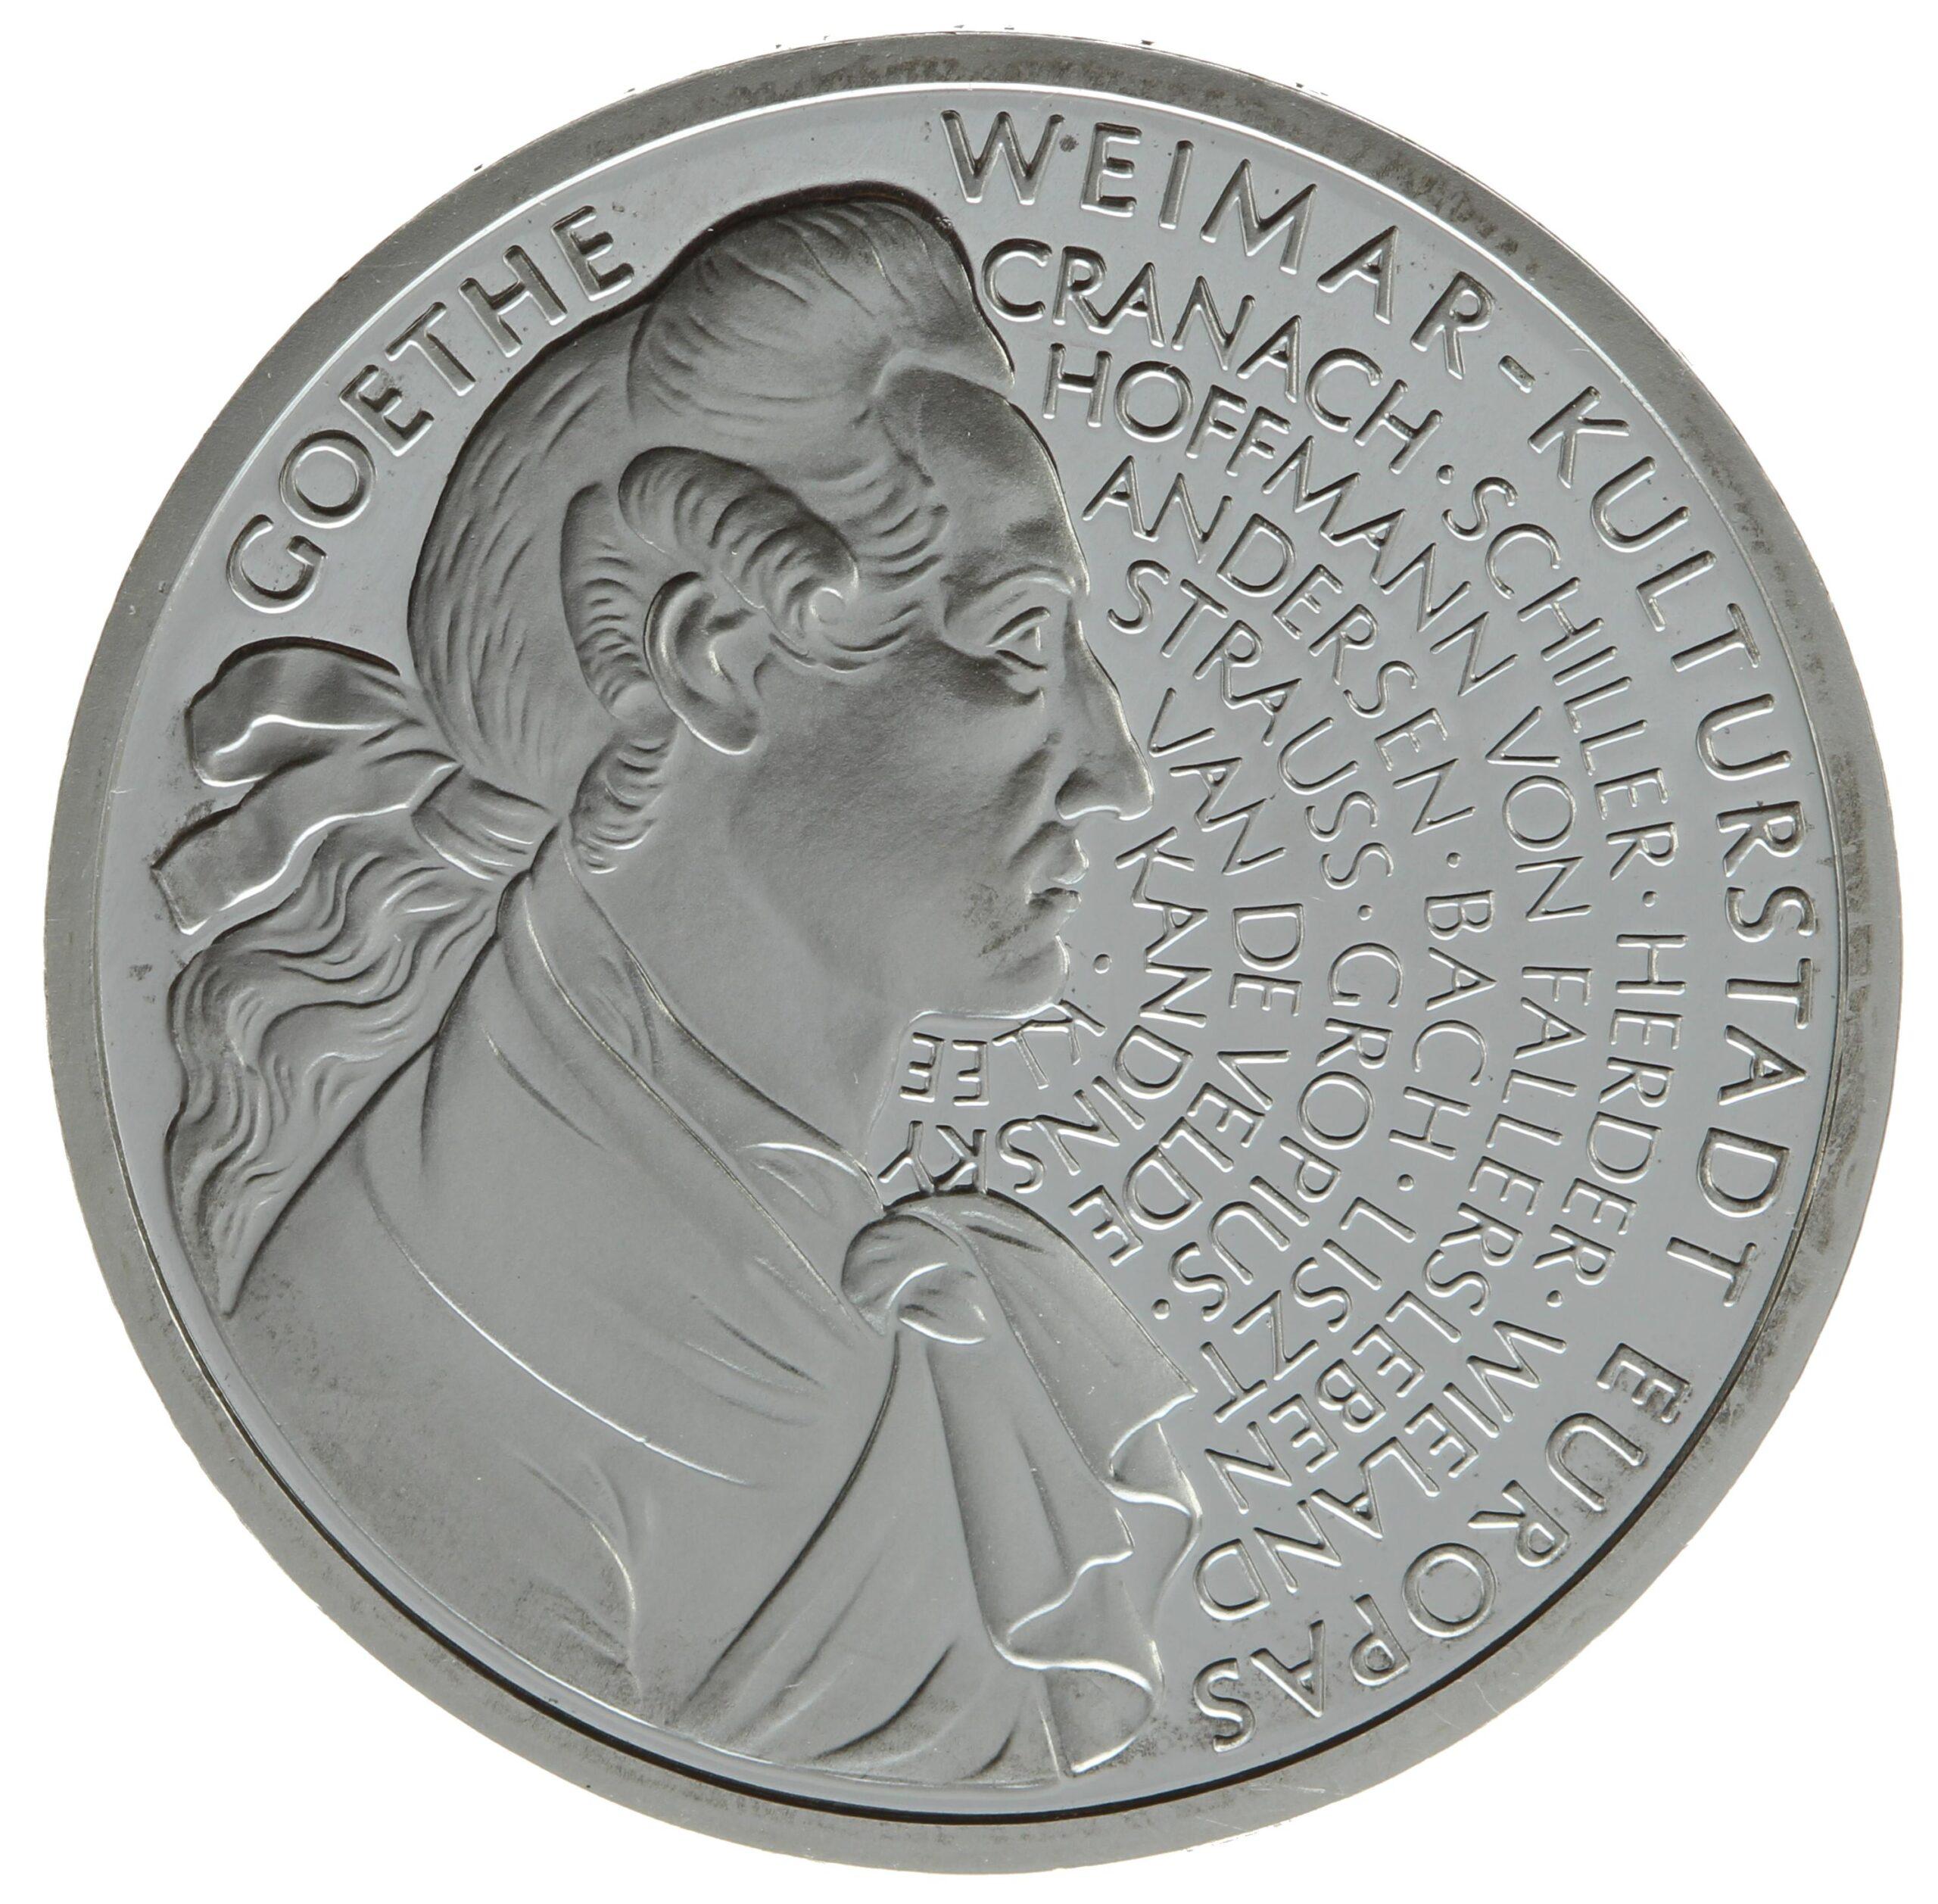 DE 10 Deutsche Mark 1999 G